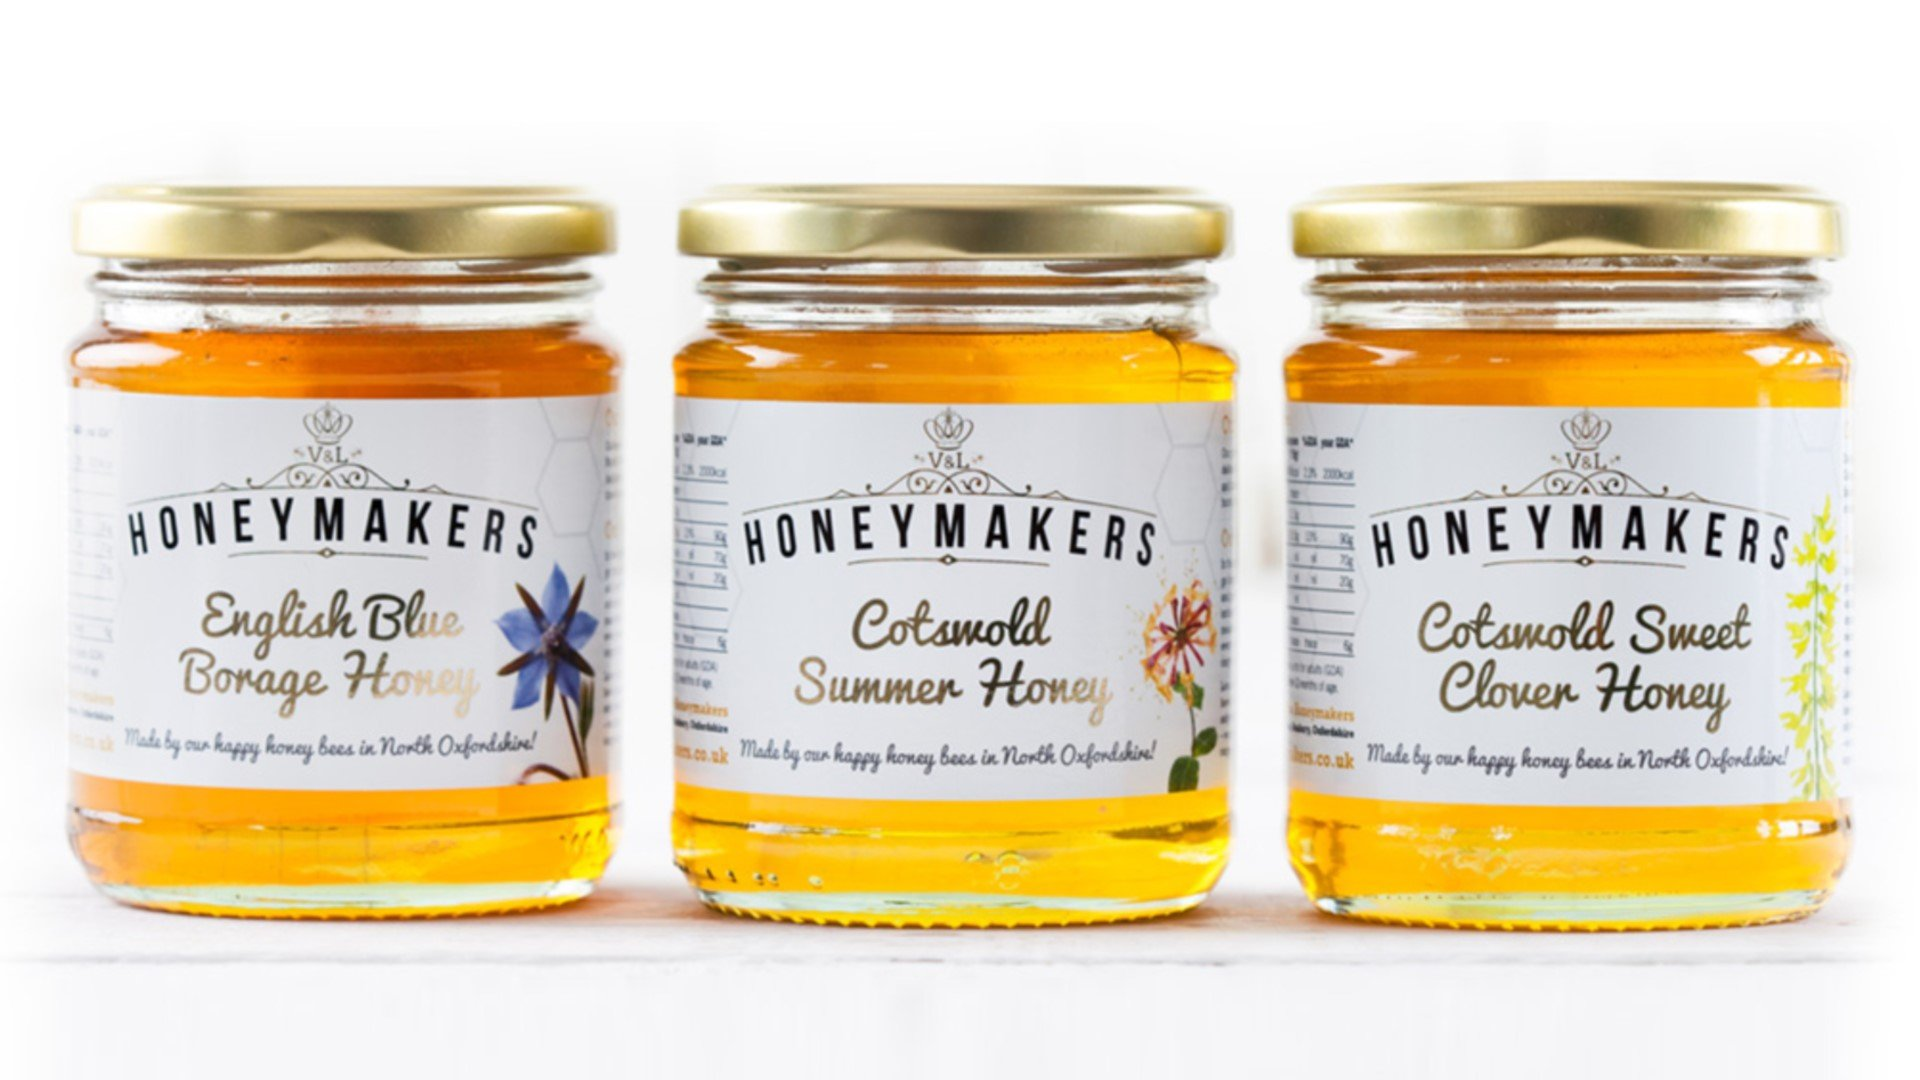 V&L Honeymakers Oxfordshire Artisan Honey